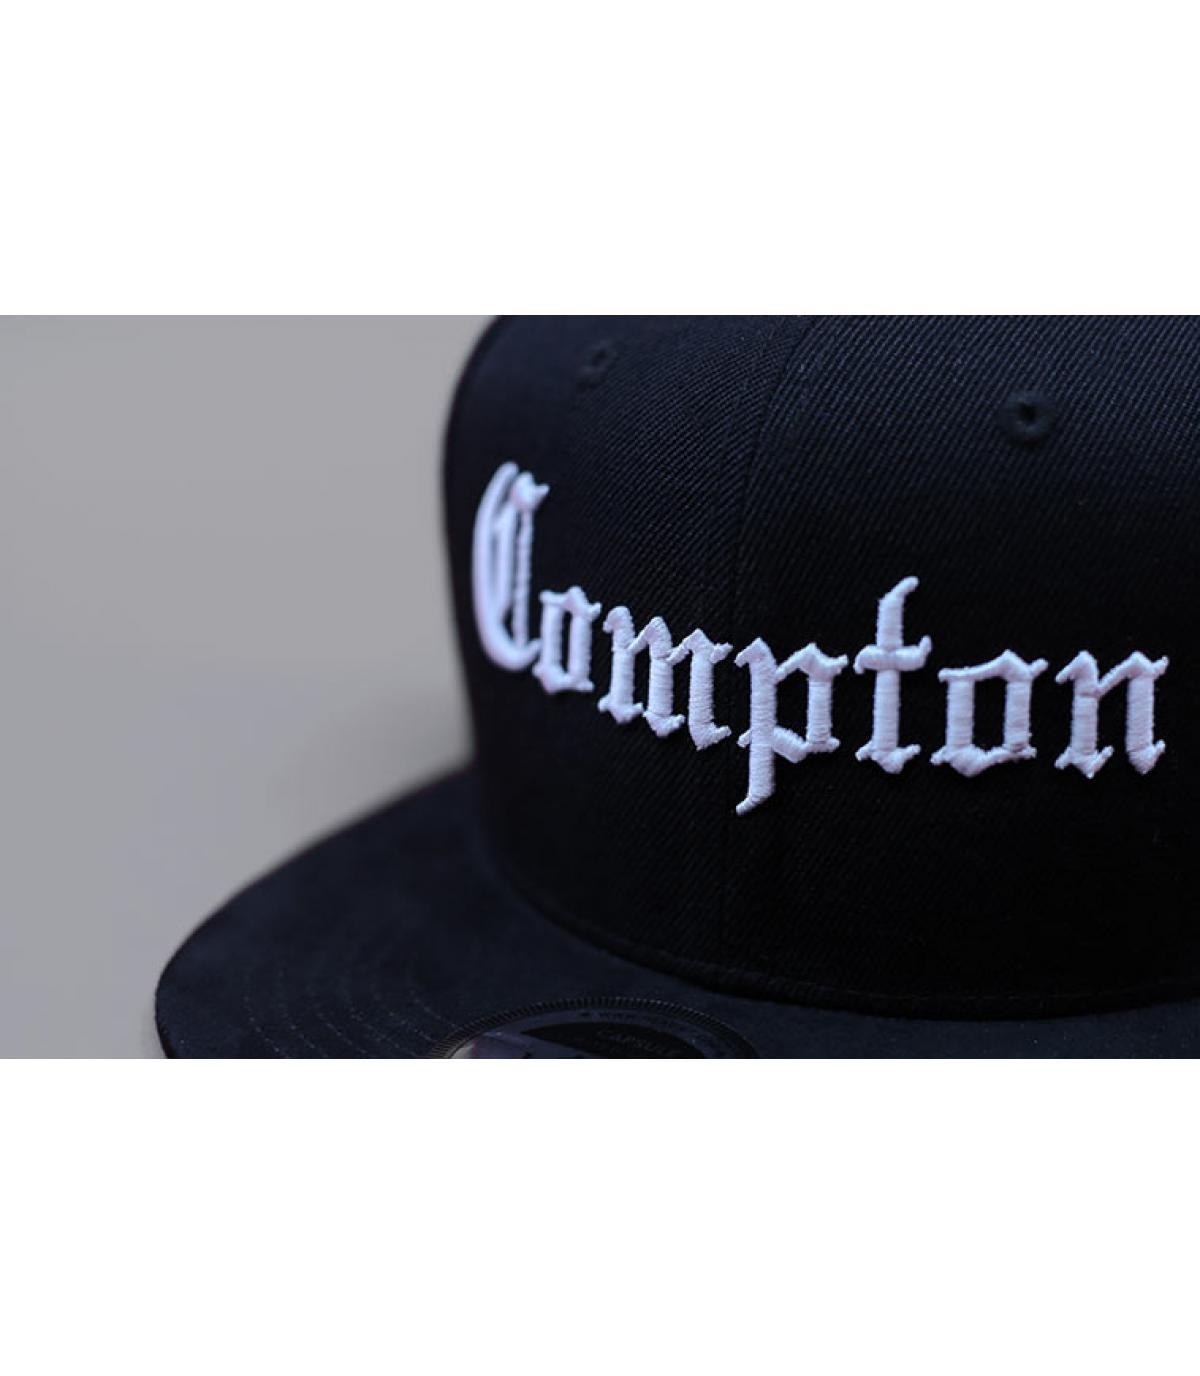 Détails Compton Snapback - image 4